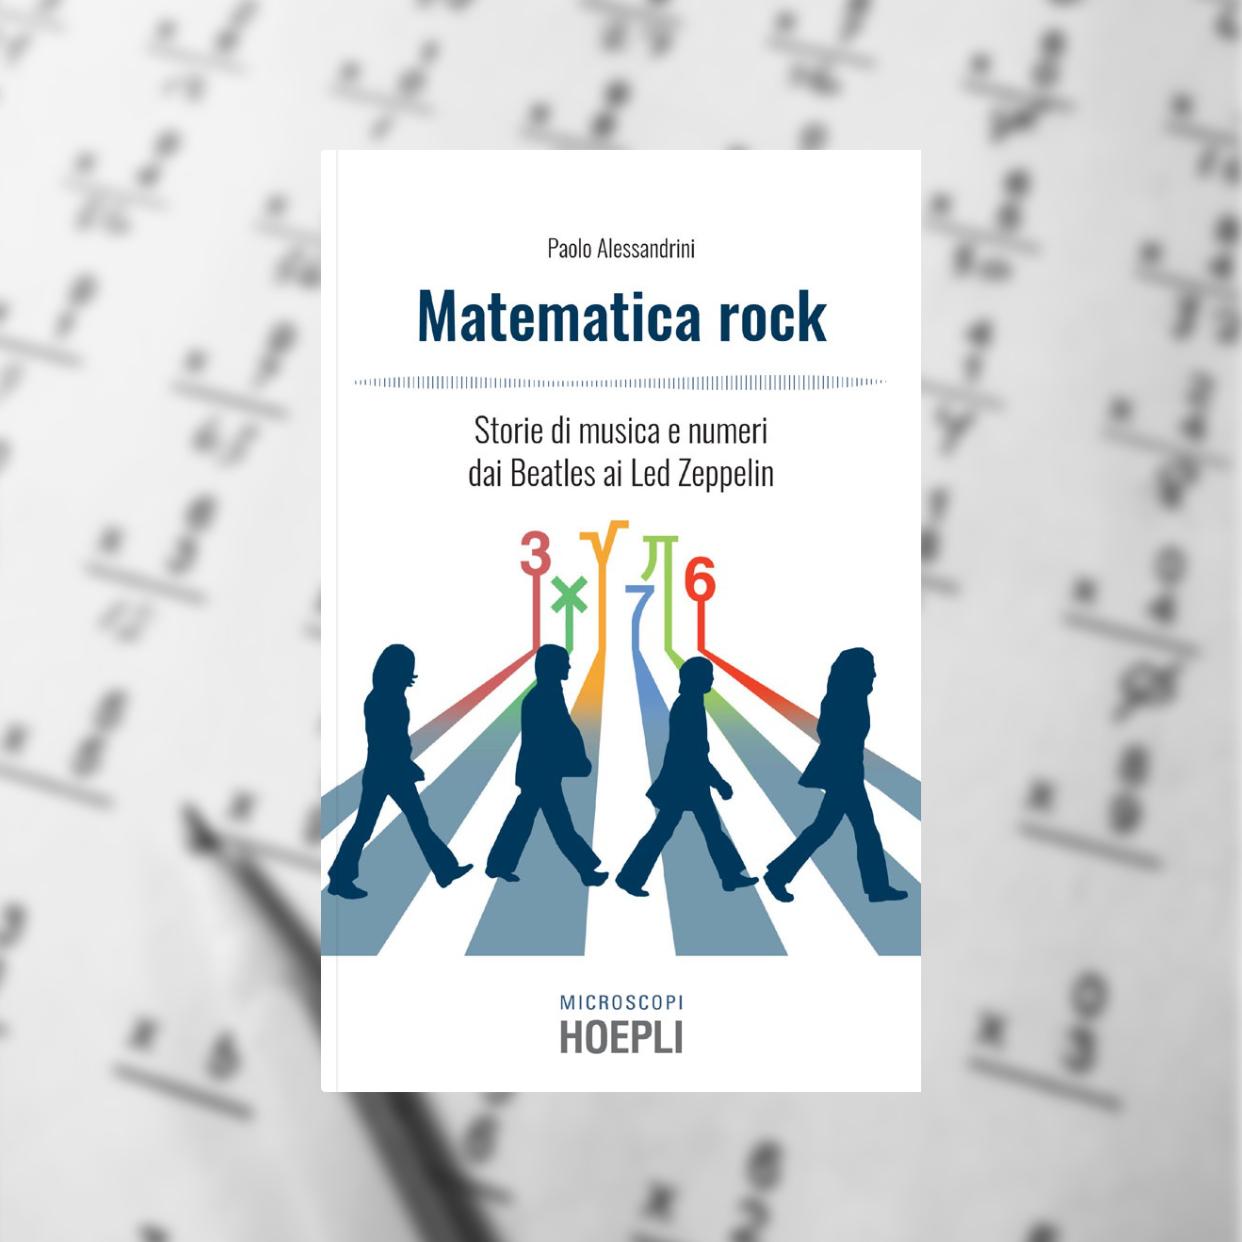 Matematica mon amour, anche per il rock